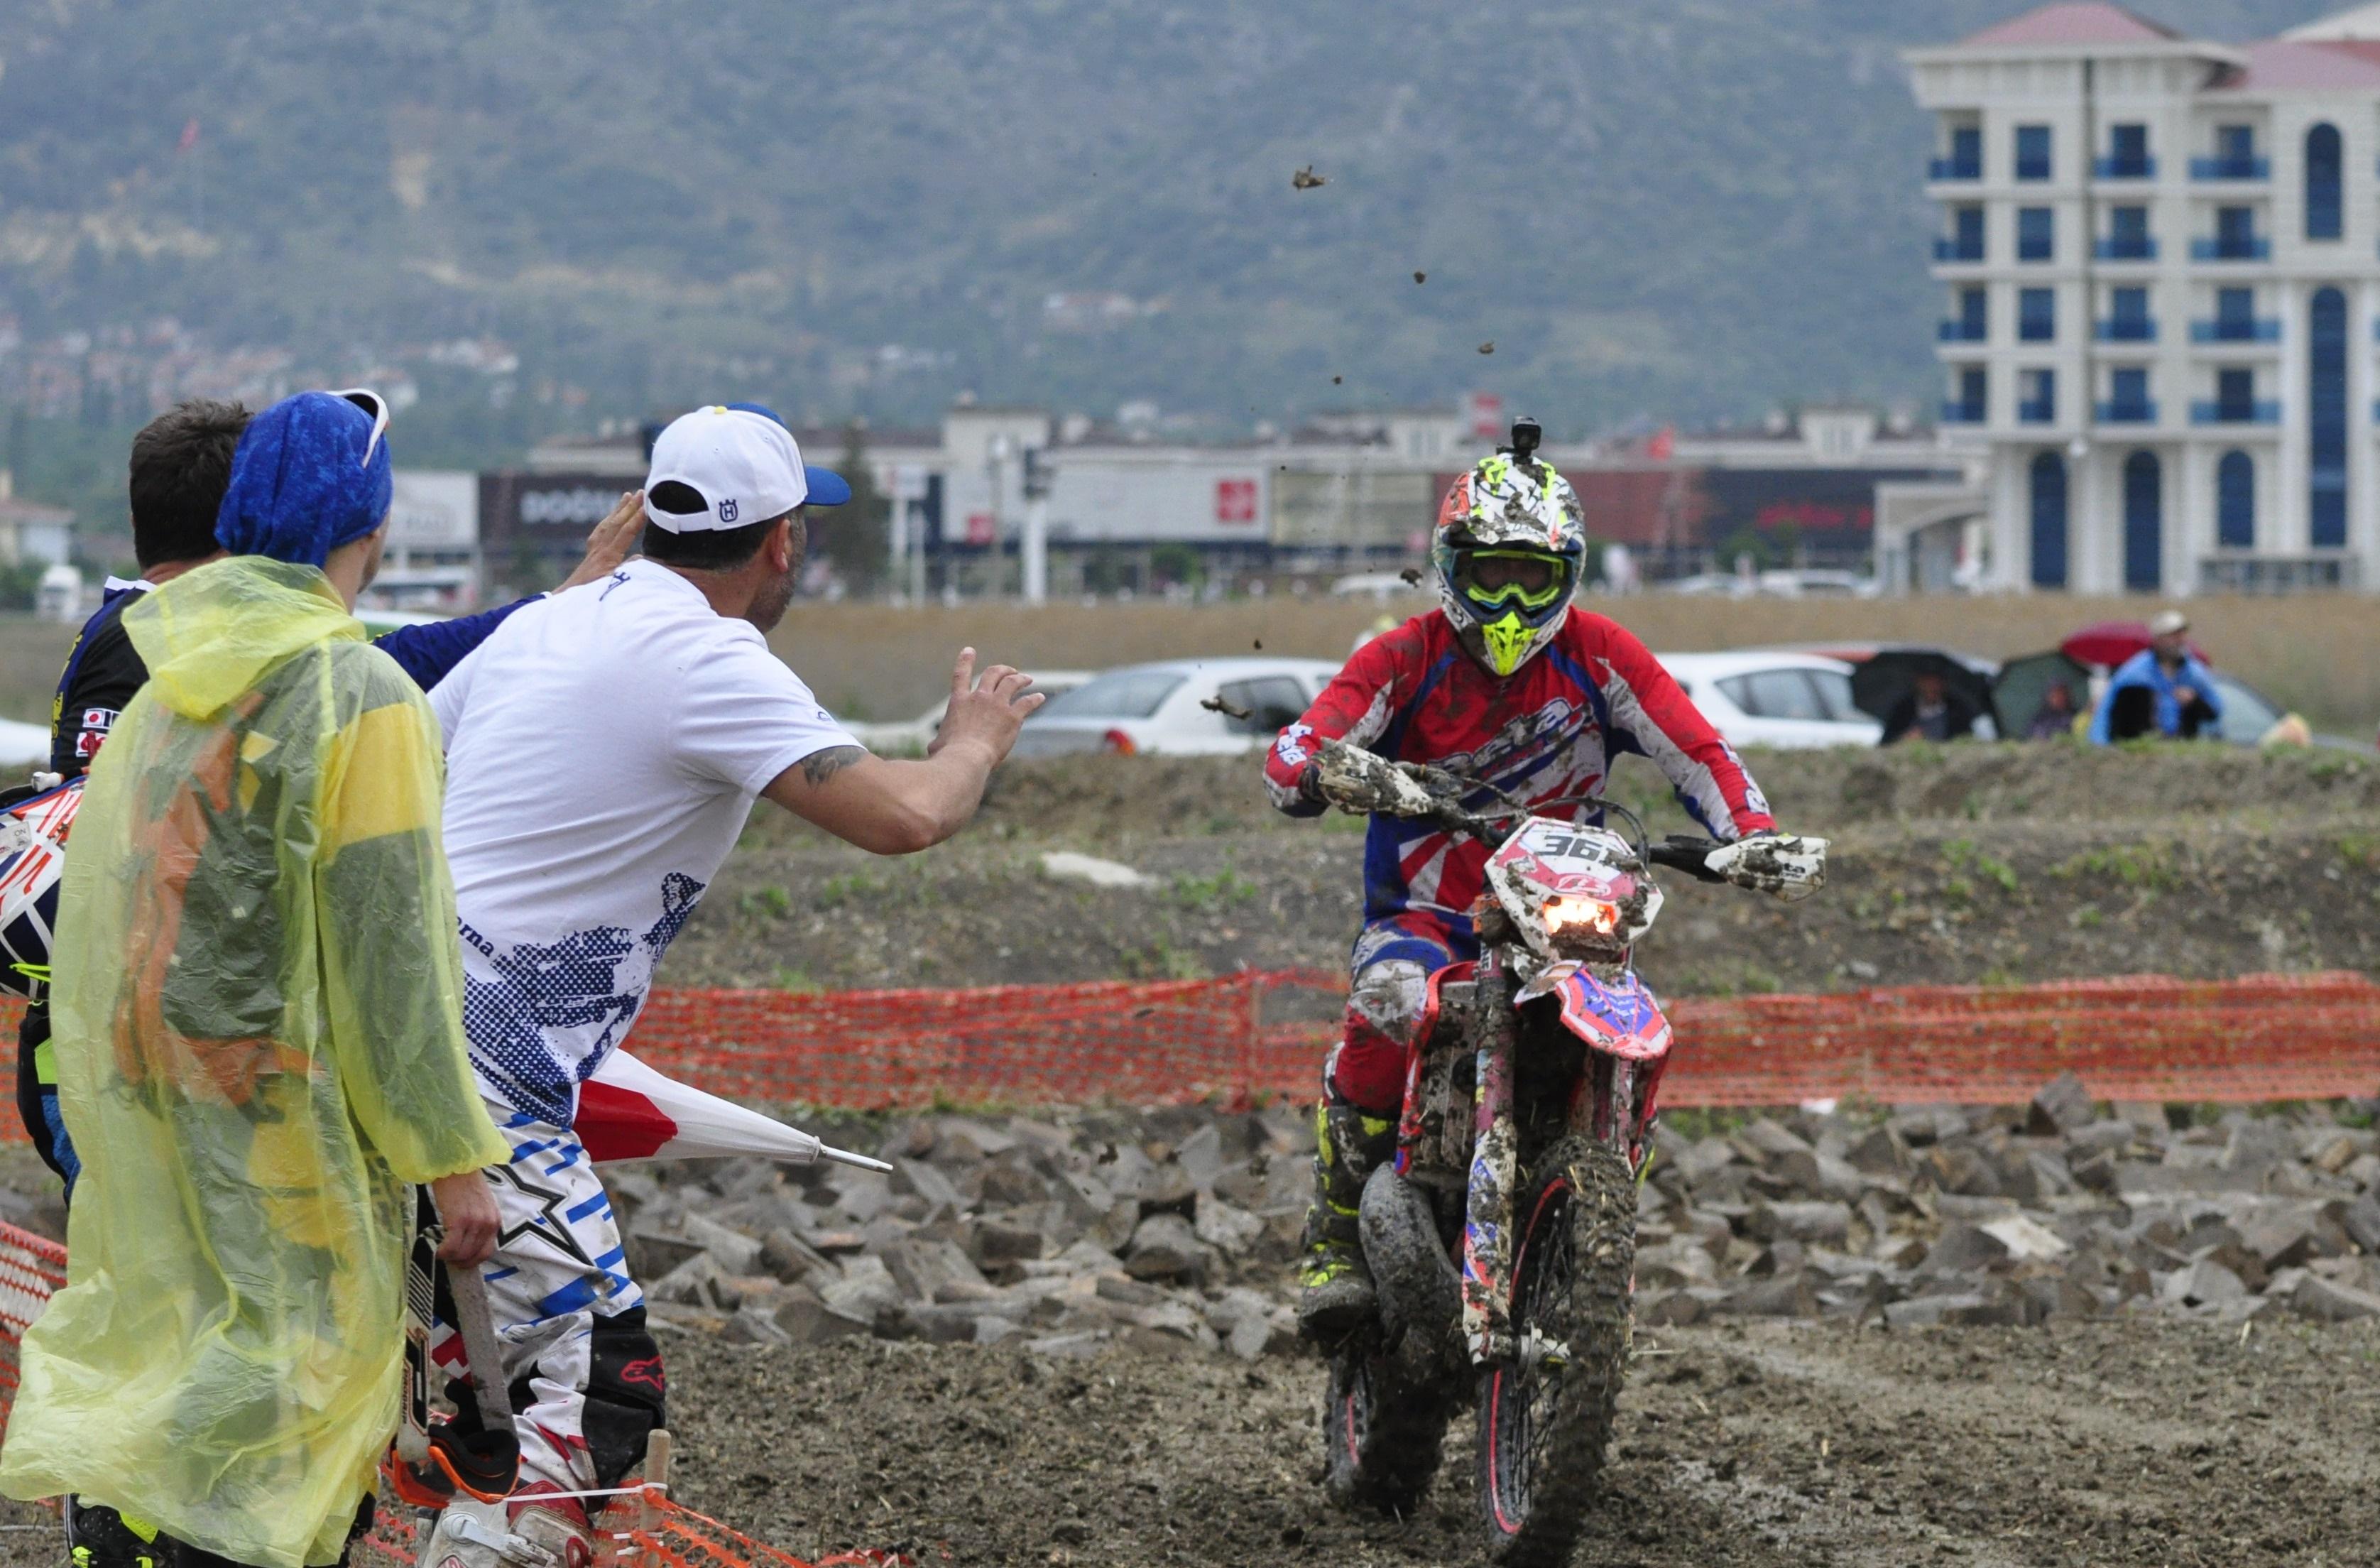 İznik'te Enduro Şampiyonası heyecanı